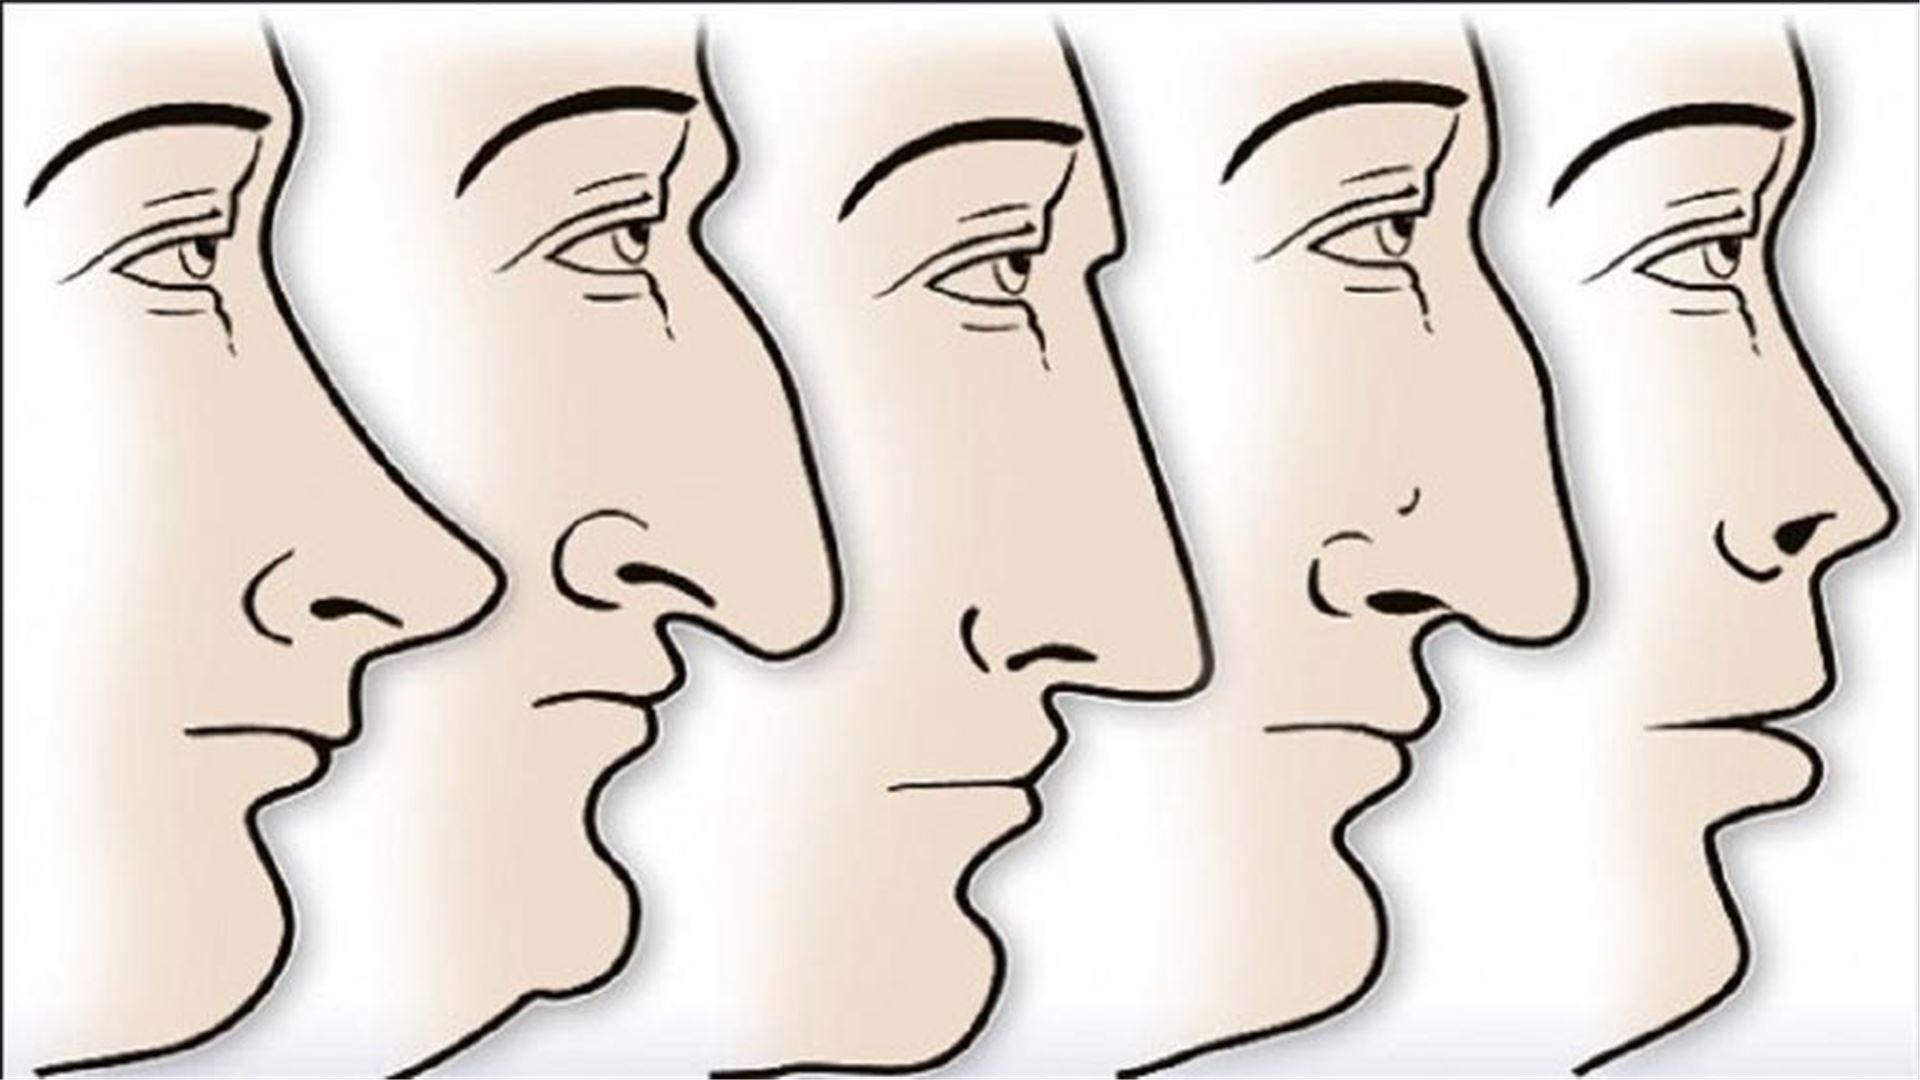 нос характер картинки игры помогают